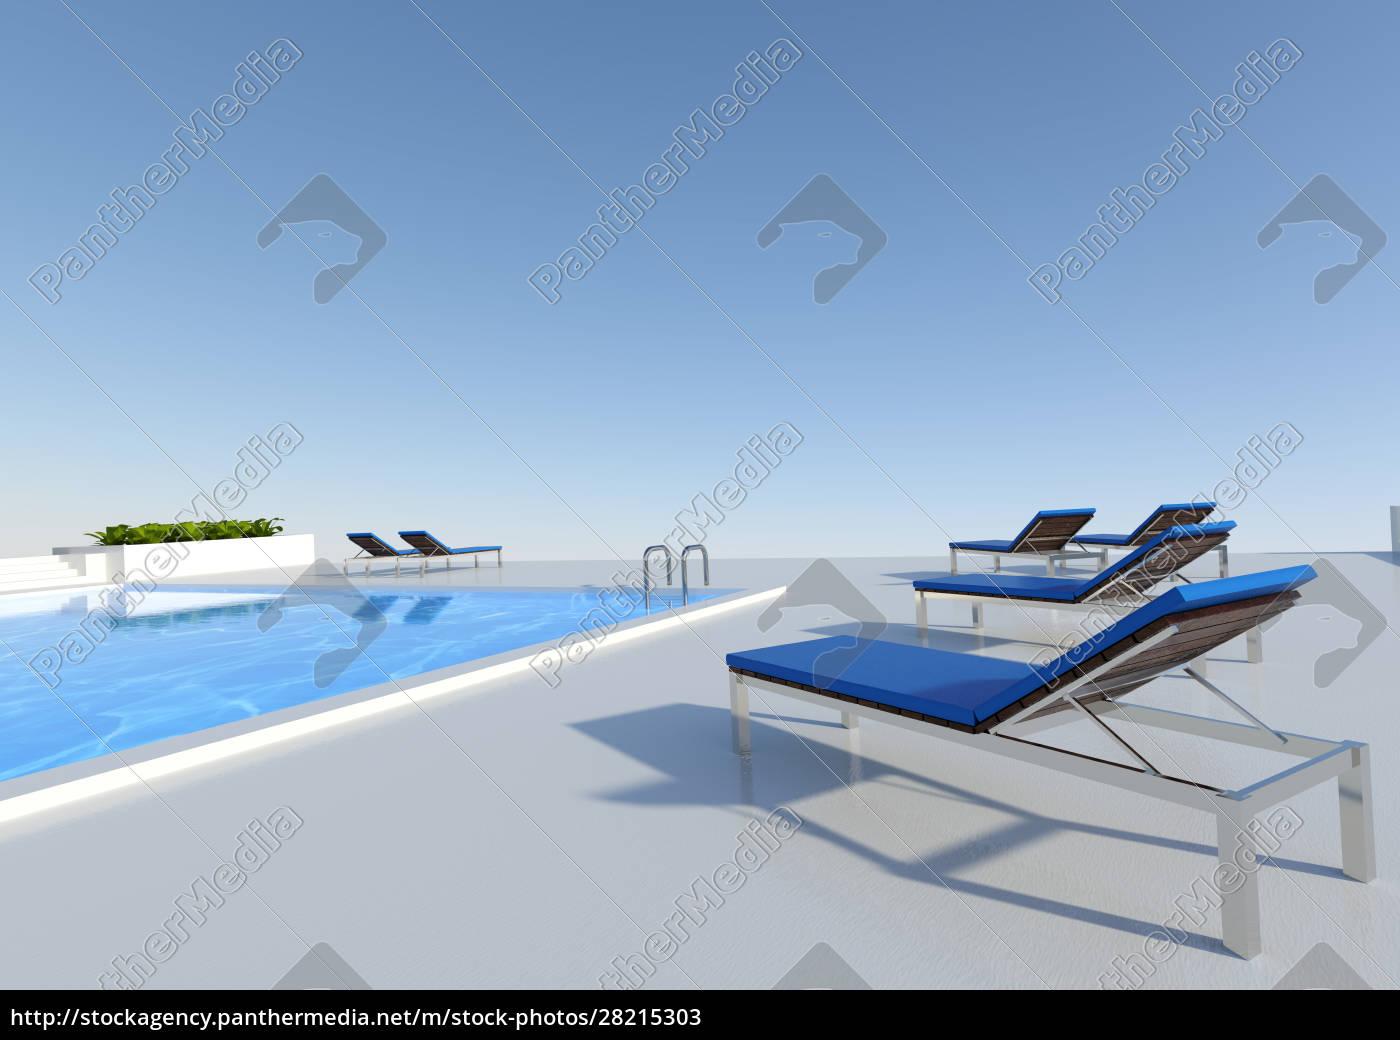 3d, rendering, pool, outside - 28215303